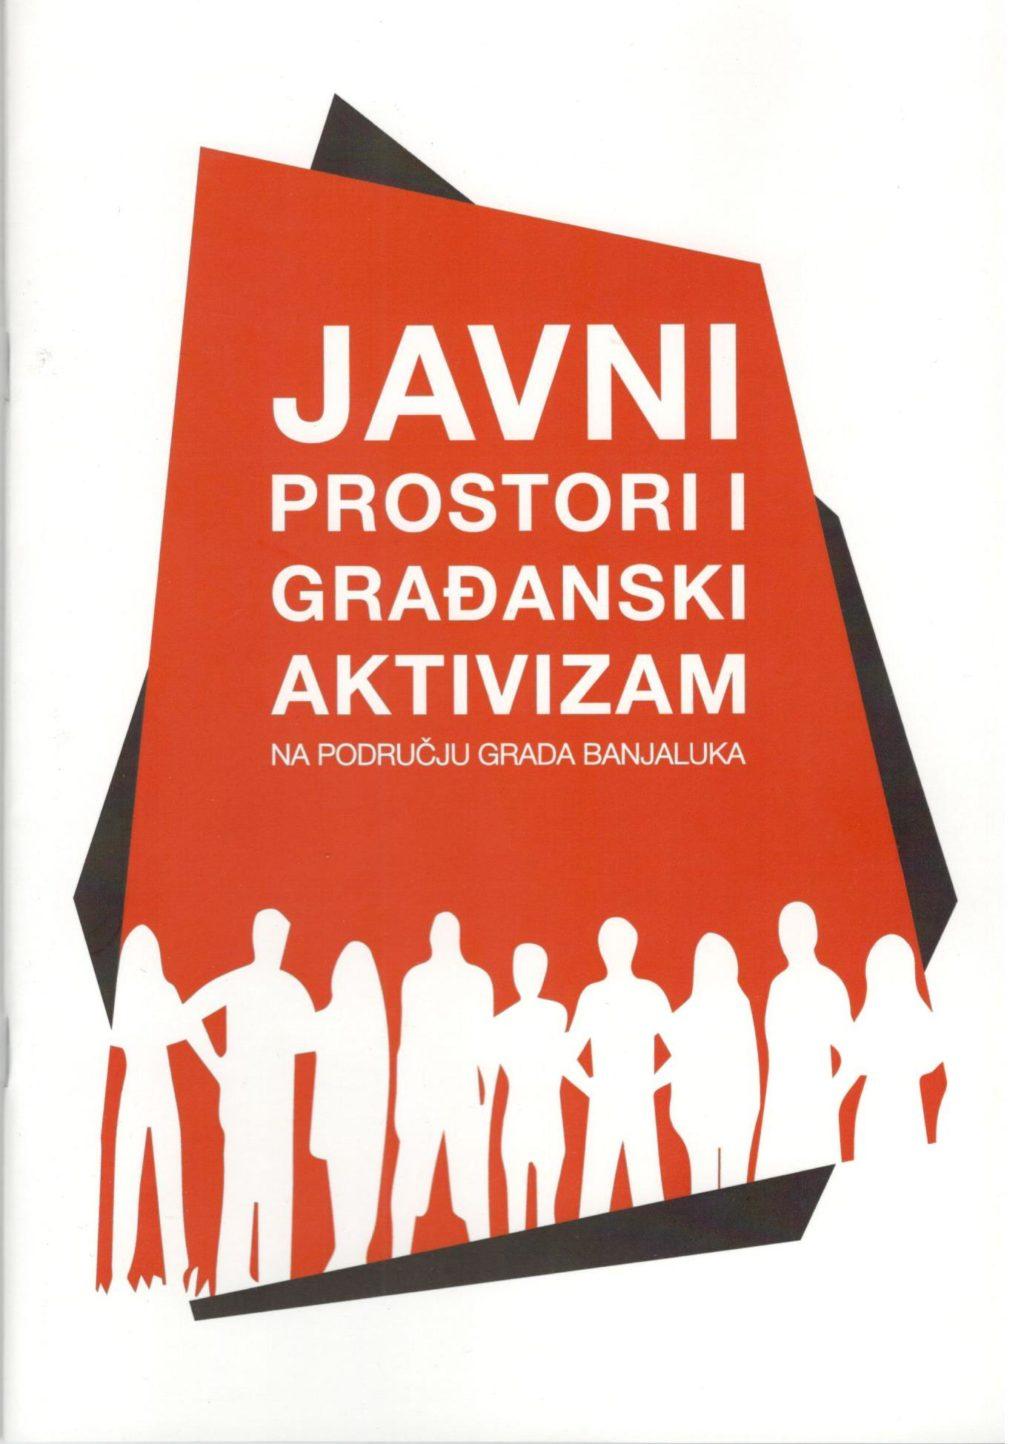 Javni prostori i građanski aktivizam